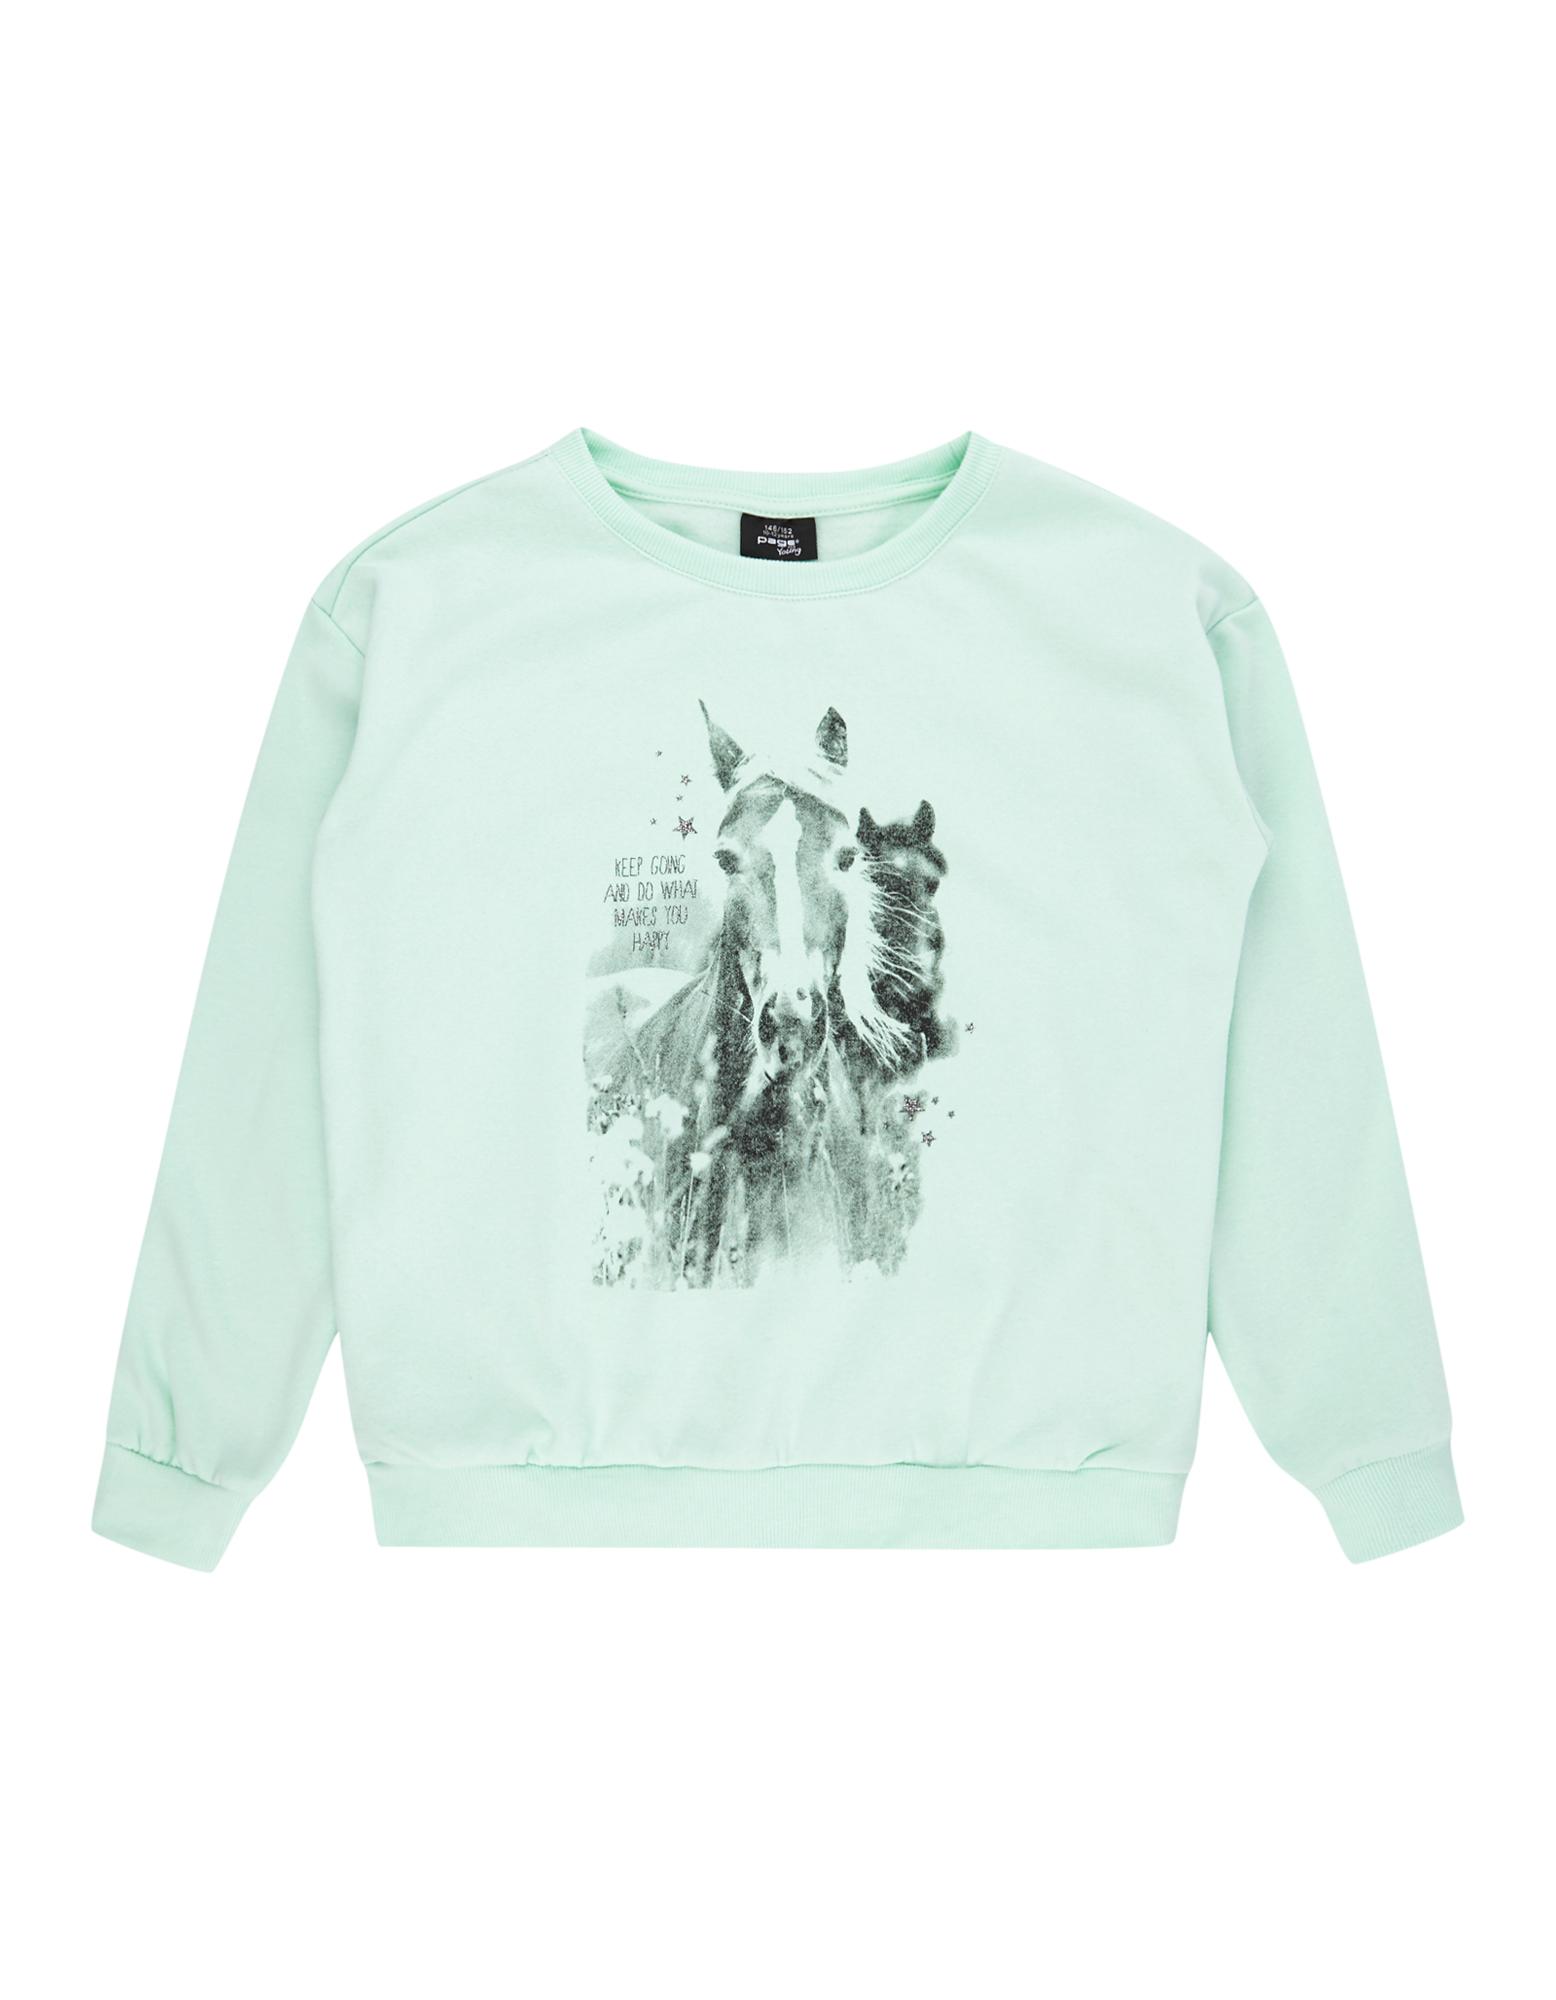 Mädchen Sweatshirt mit Print  | 81488016120205